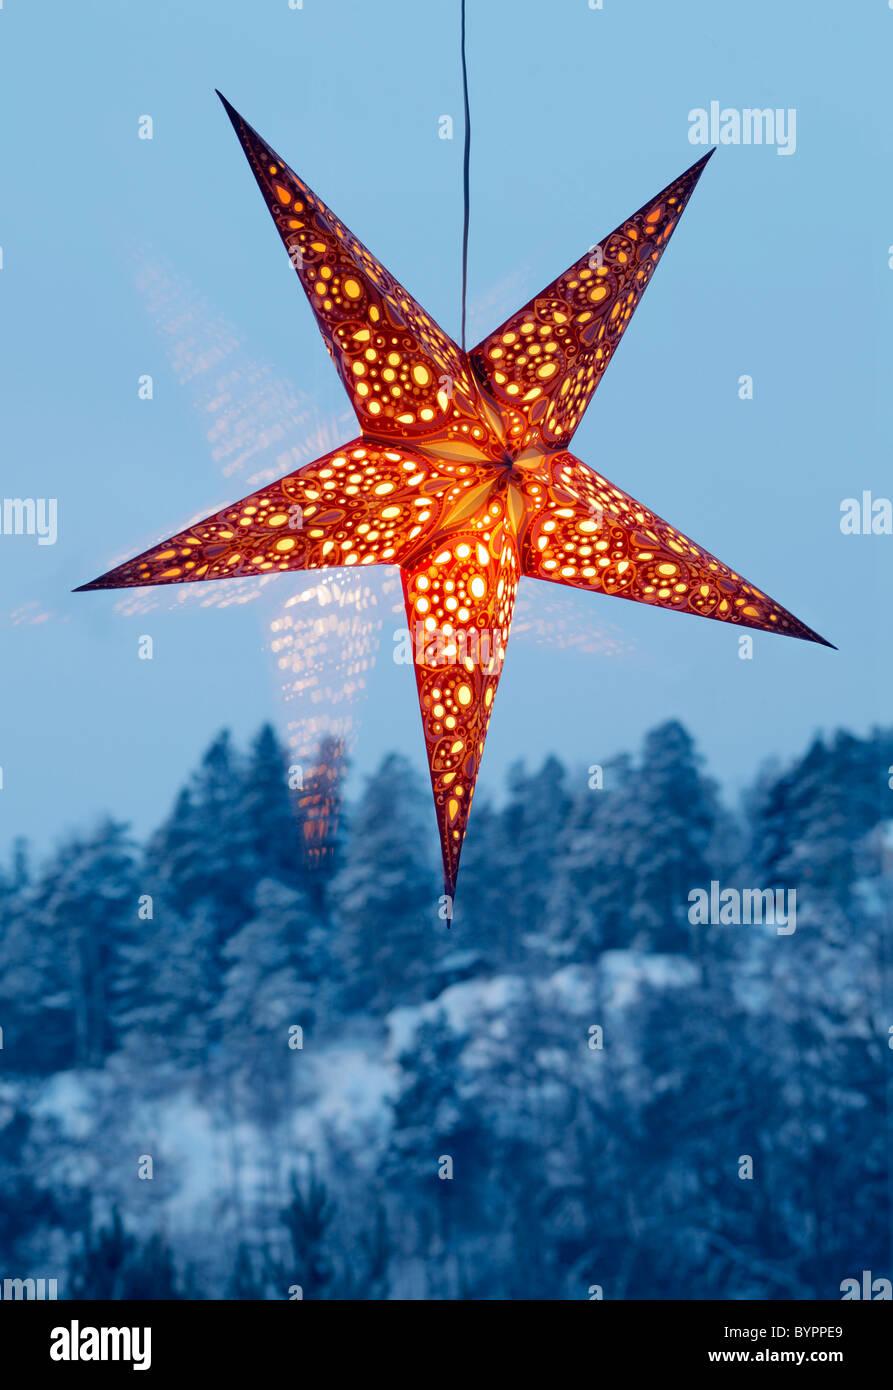 Nuit illuminée étoile dans une grande fenêtre Photo Stock